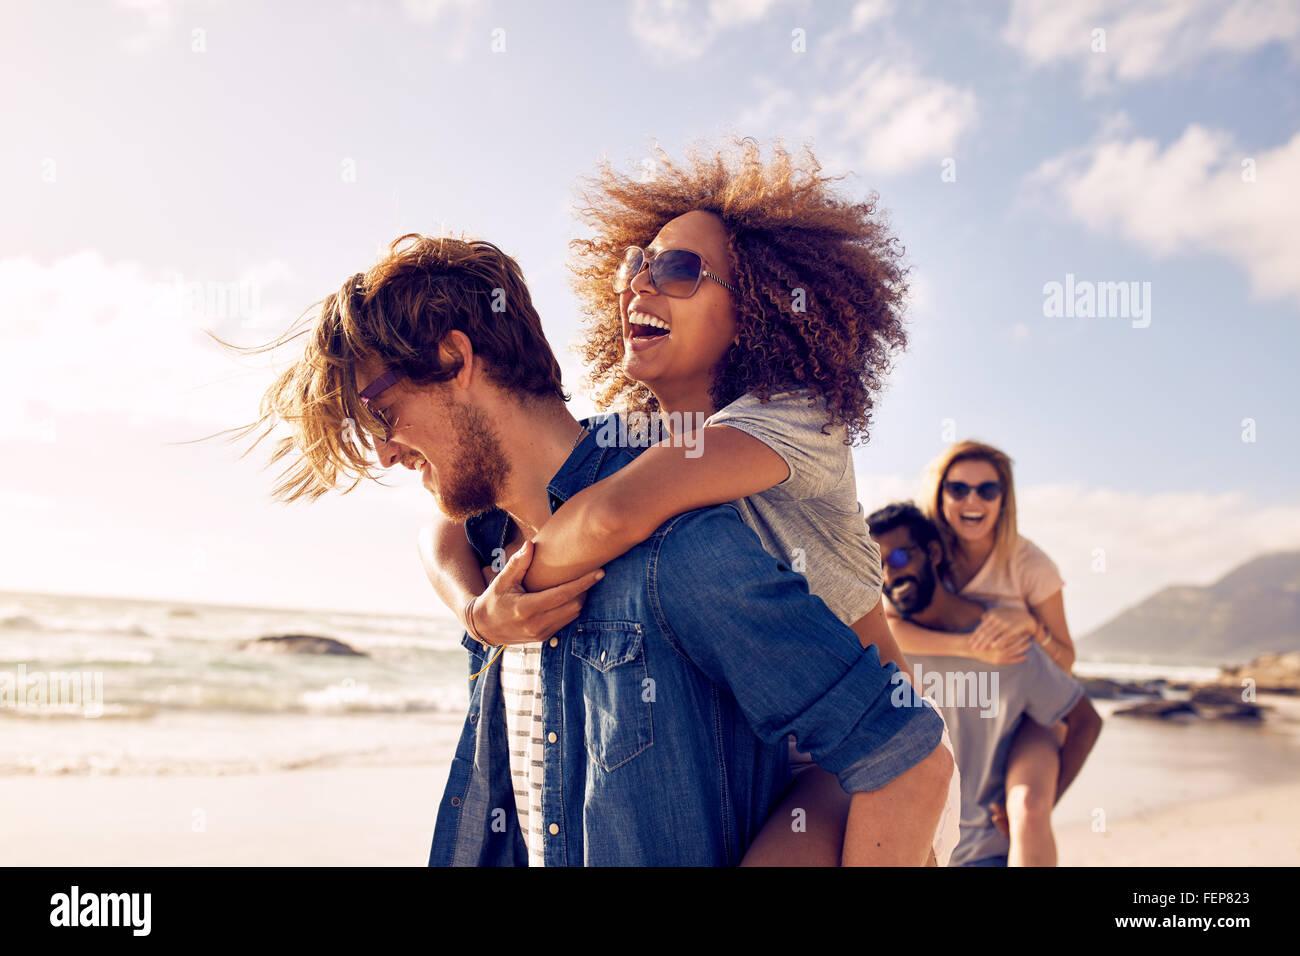 Gruppo di amici a piedi lungo la spiaggia, con gli uomini dando piggyback ride di amiche. Felice giovani amici godendo Immagini Stock